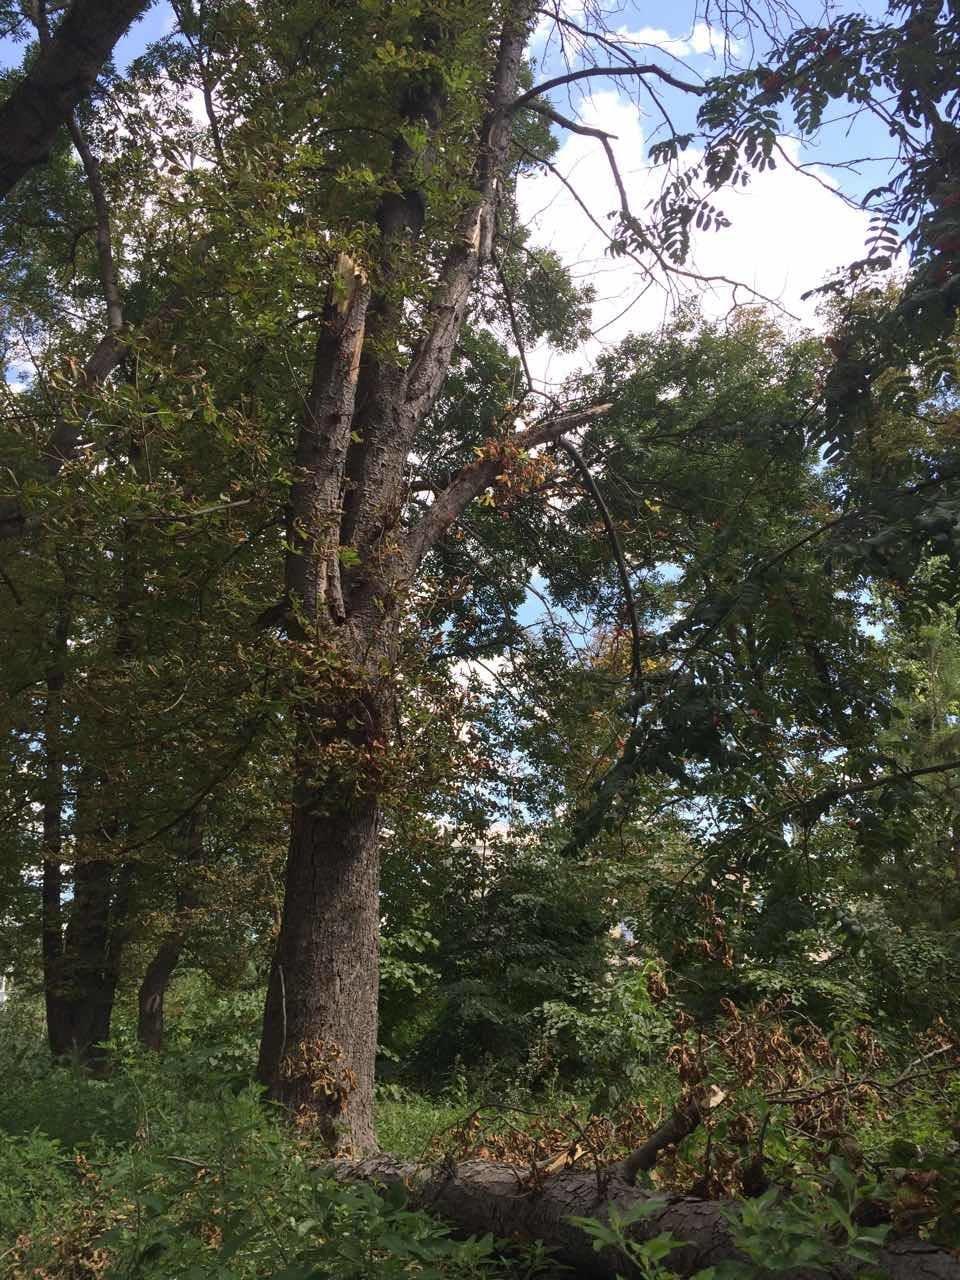 Більшість дерев нашого міста відживають своє, - служба по догляду за зеленими насадженнями, фото-2